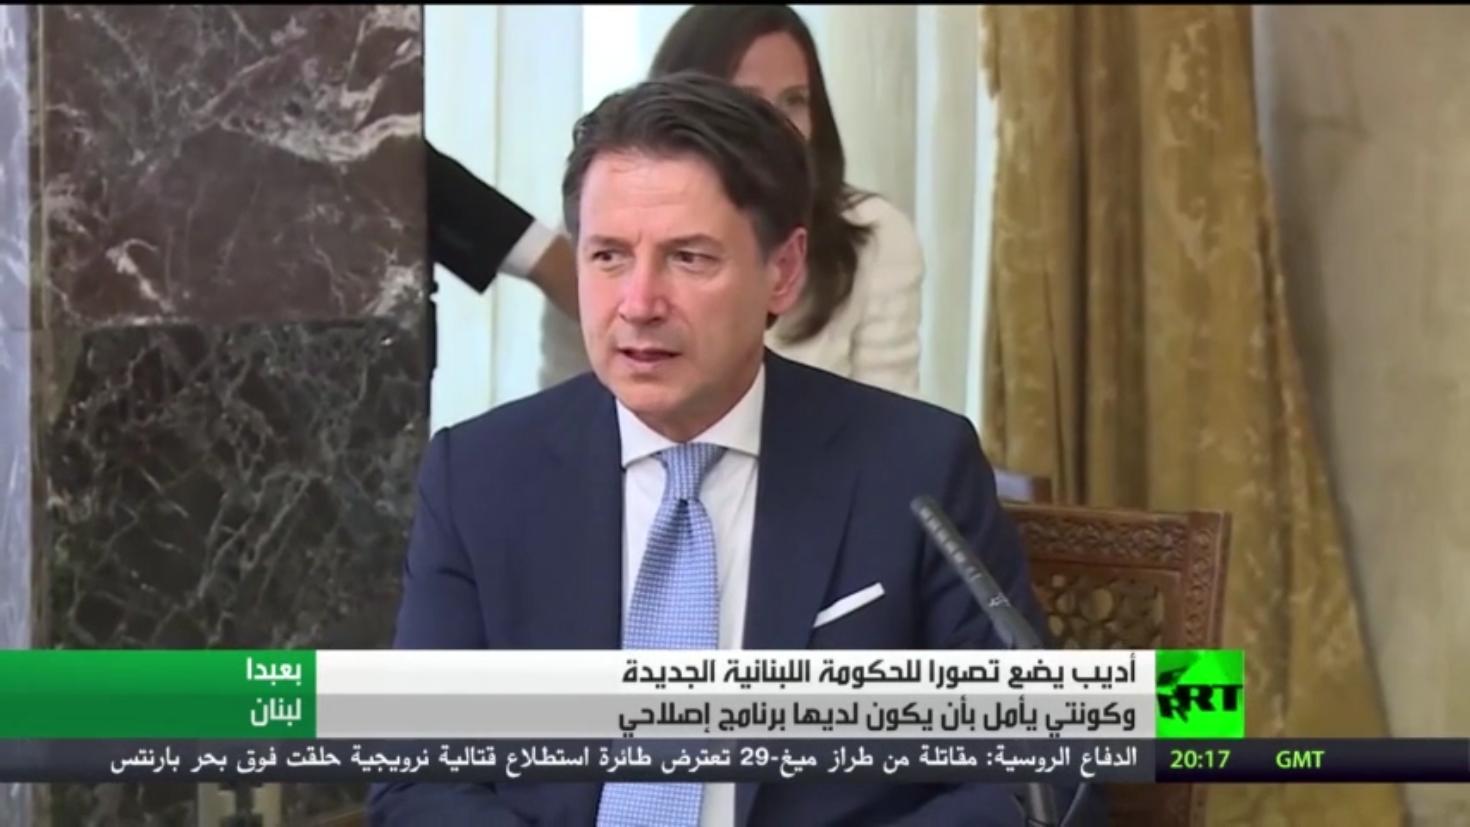 كونتي يدعو لتشكيل حكومة إصلاح في لبنان